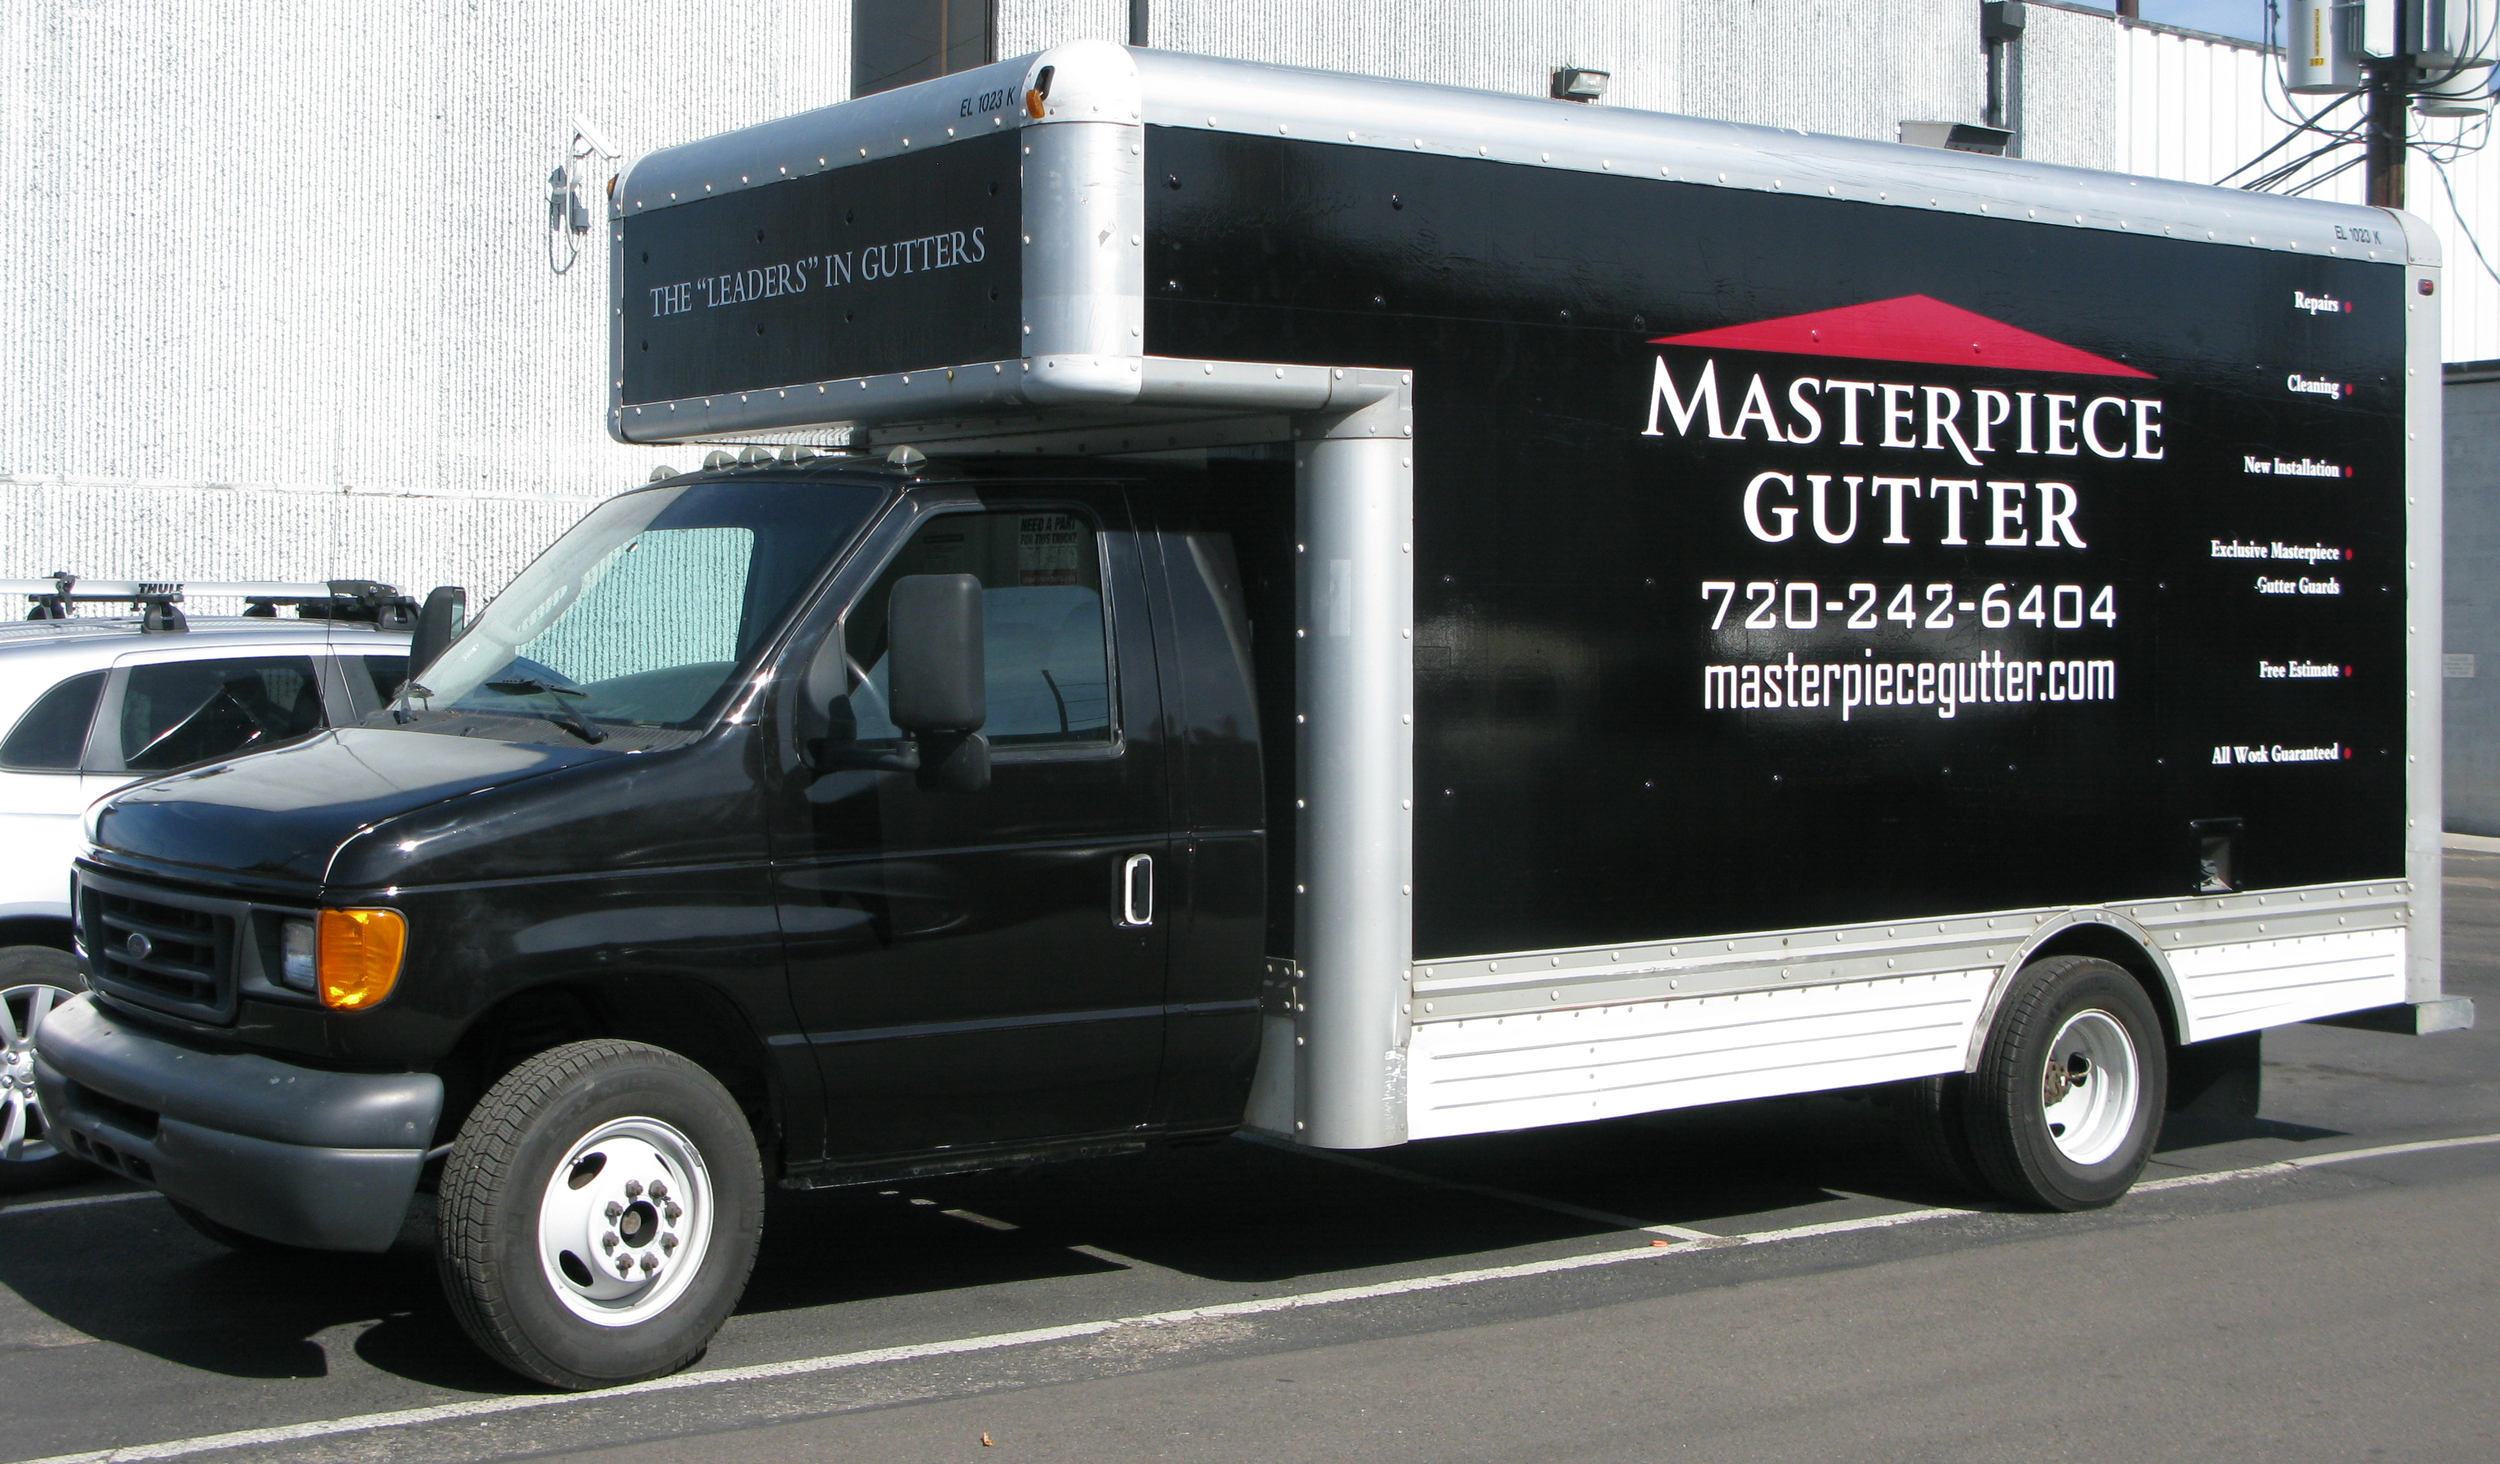 MasterpieceGutterTruck.jpg